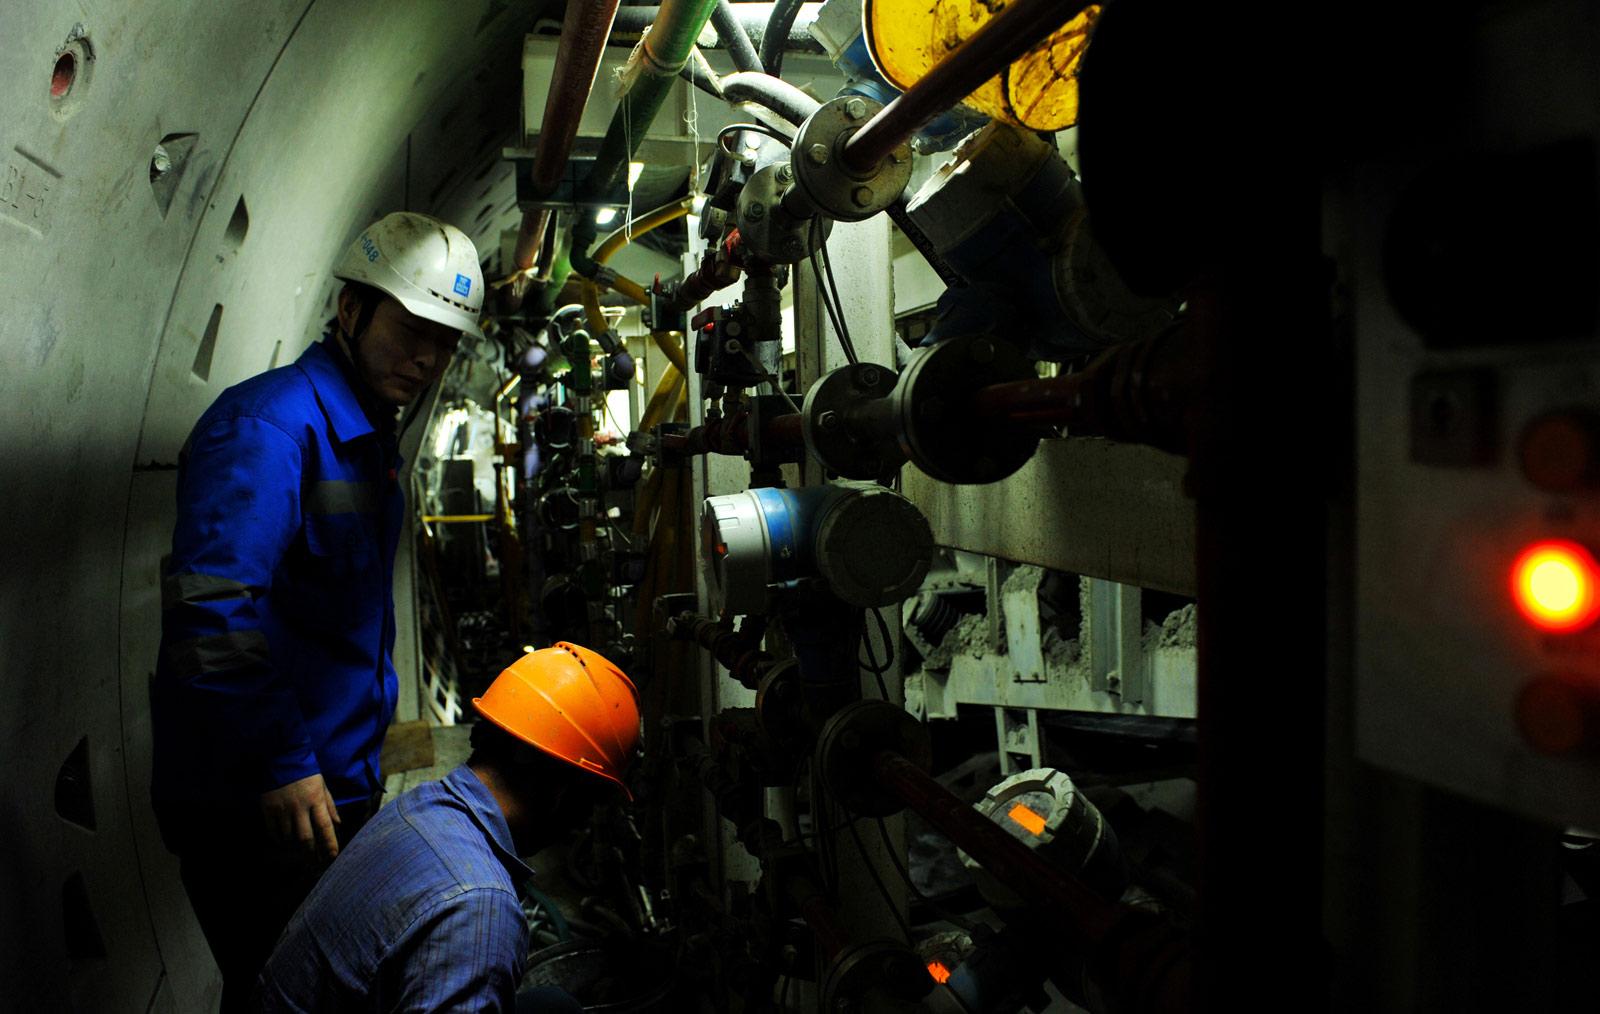 目前武汉有16条线路同期建设,建设规模居全国前列。自武汉地铁首条线路武汉轨道交通1号线于2004年7月28日开通运营,到2017年12月27日同天三条线路开通,武汉地铁已经走过了13个年头,建成总里程达237公里。这些成就的取得都离不开建设者的辛勤付出。图为建设者夏季在地铁隧道施工。